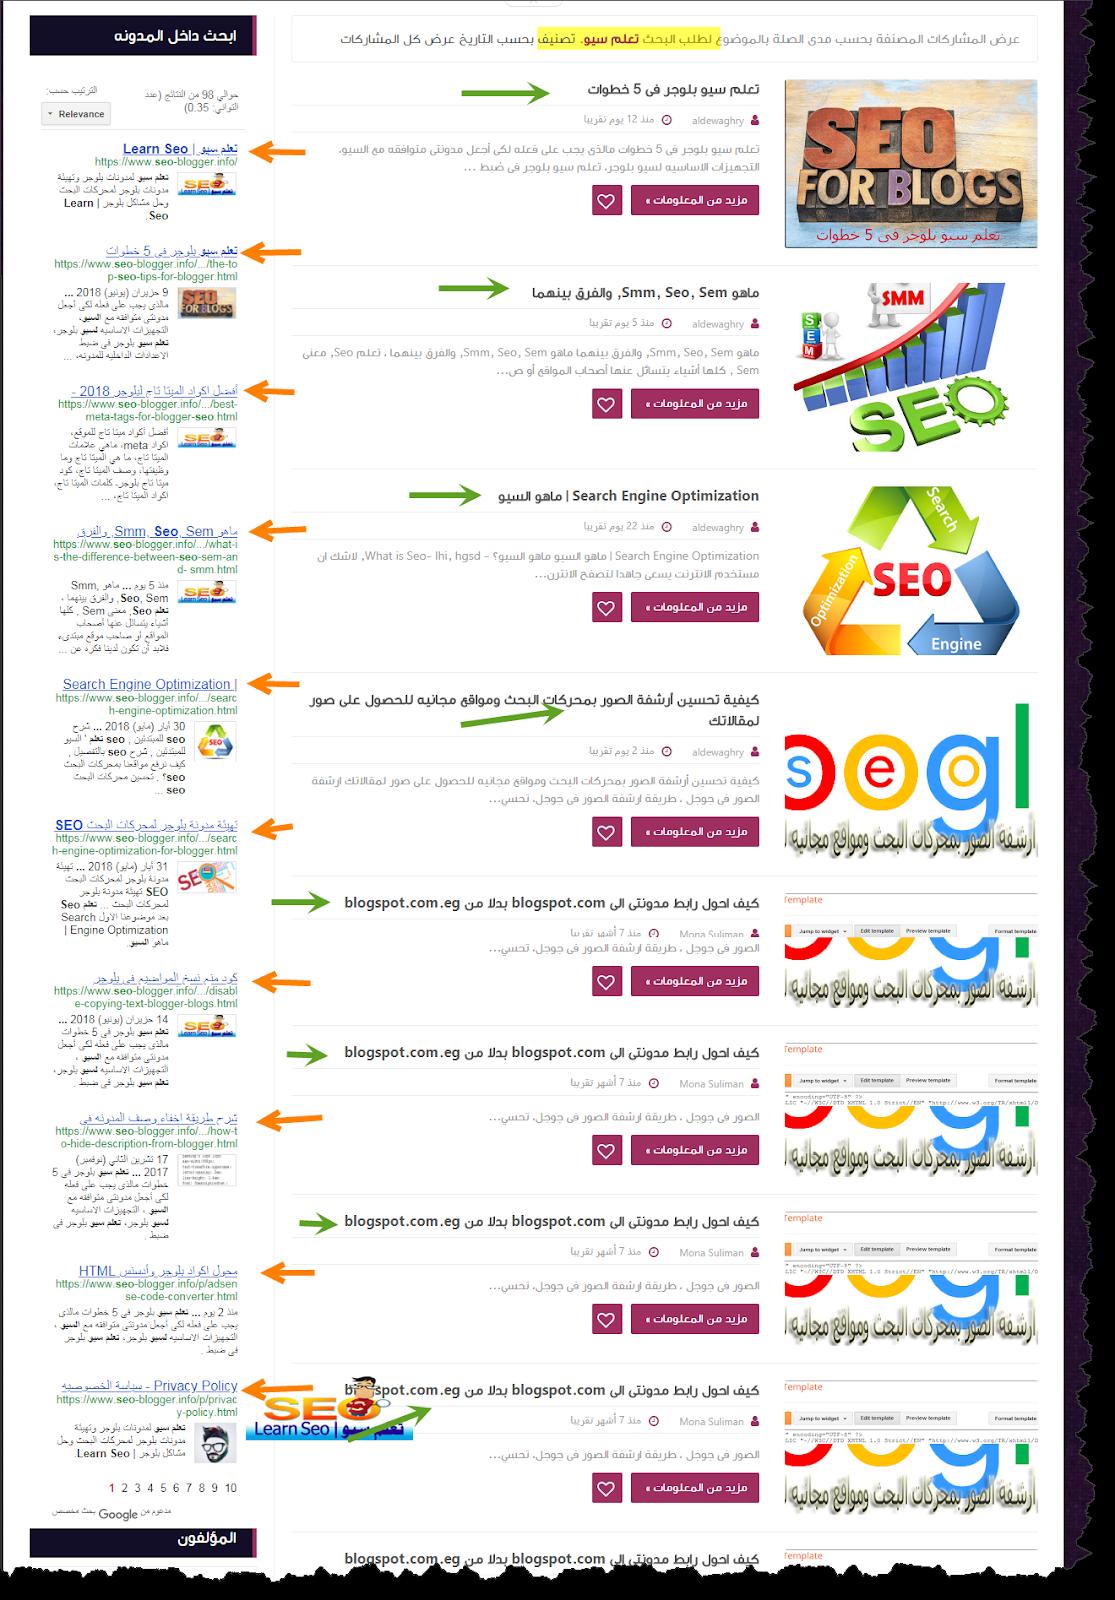 ظهور نتائج البحث عبر محرك البحث المتخصص من جوجل على المدونة